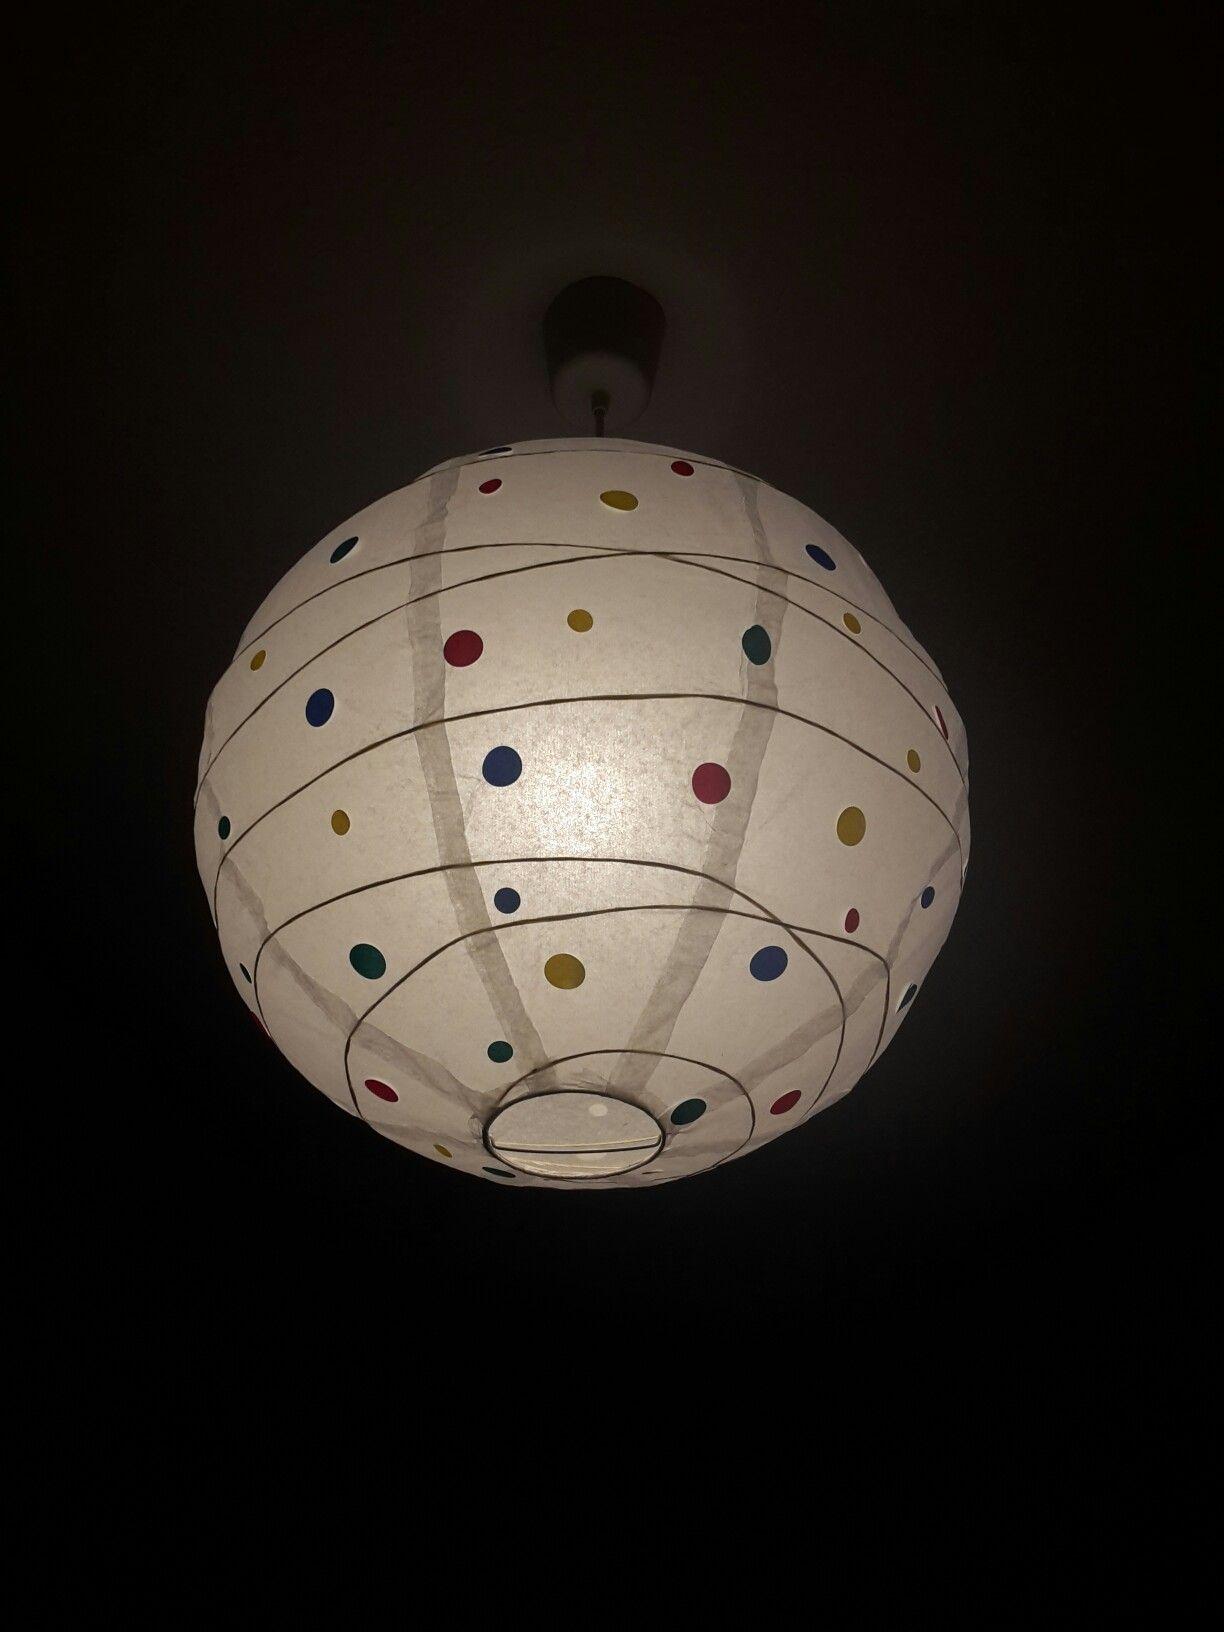 Ikea Lampe ganz einfach mit Aufklebern verschönert